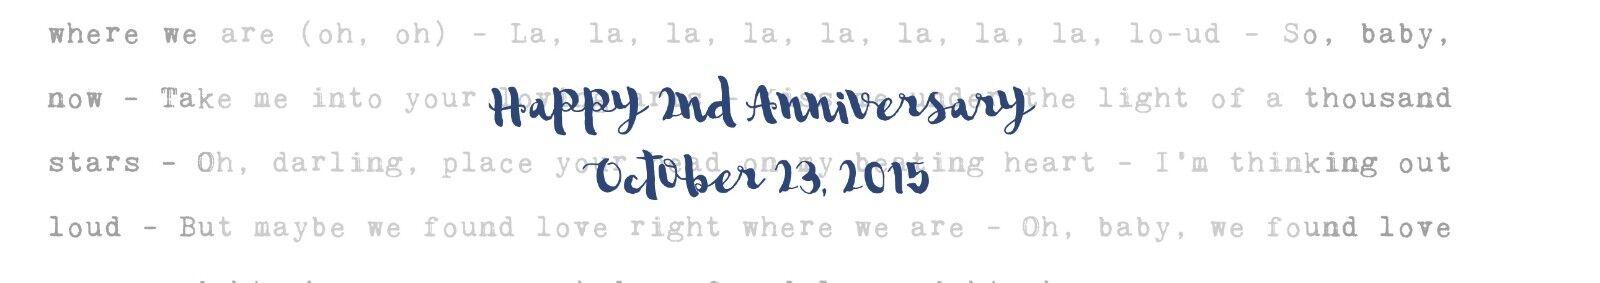 John LEGEND TUTTI I TESTI DI ME ME ME cuscino personalizzata-regalo anniversario di matrimonio 89e87a